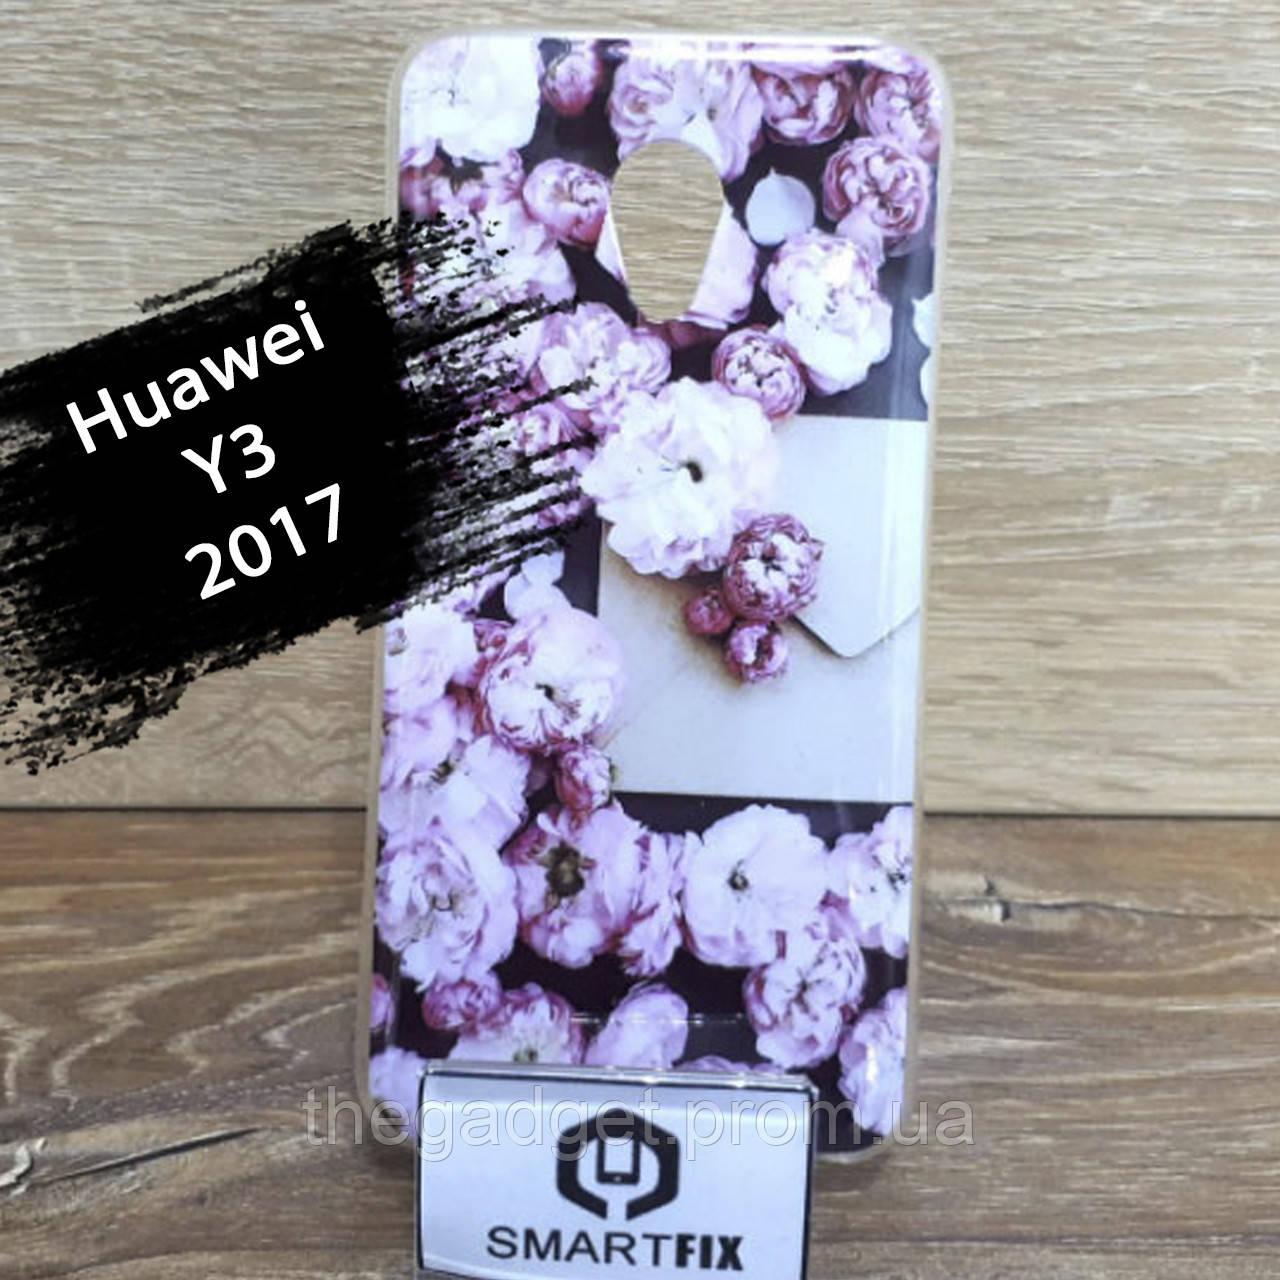 Переливається чохол для Huawei Y3 (2017) (CRO-U00) Біла Ромашка